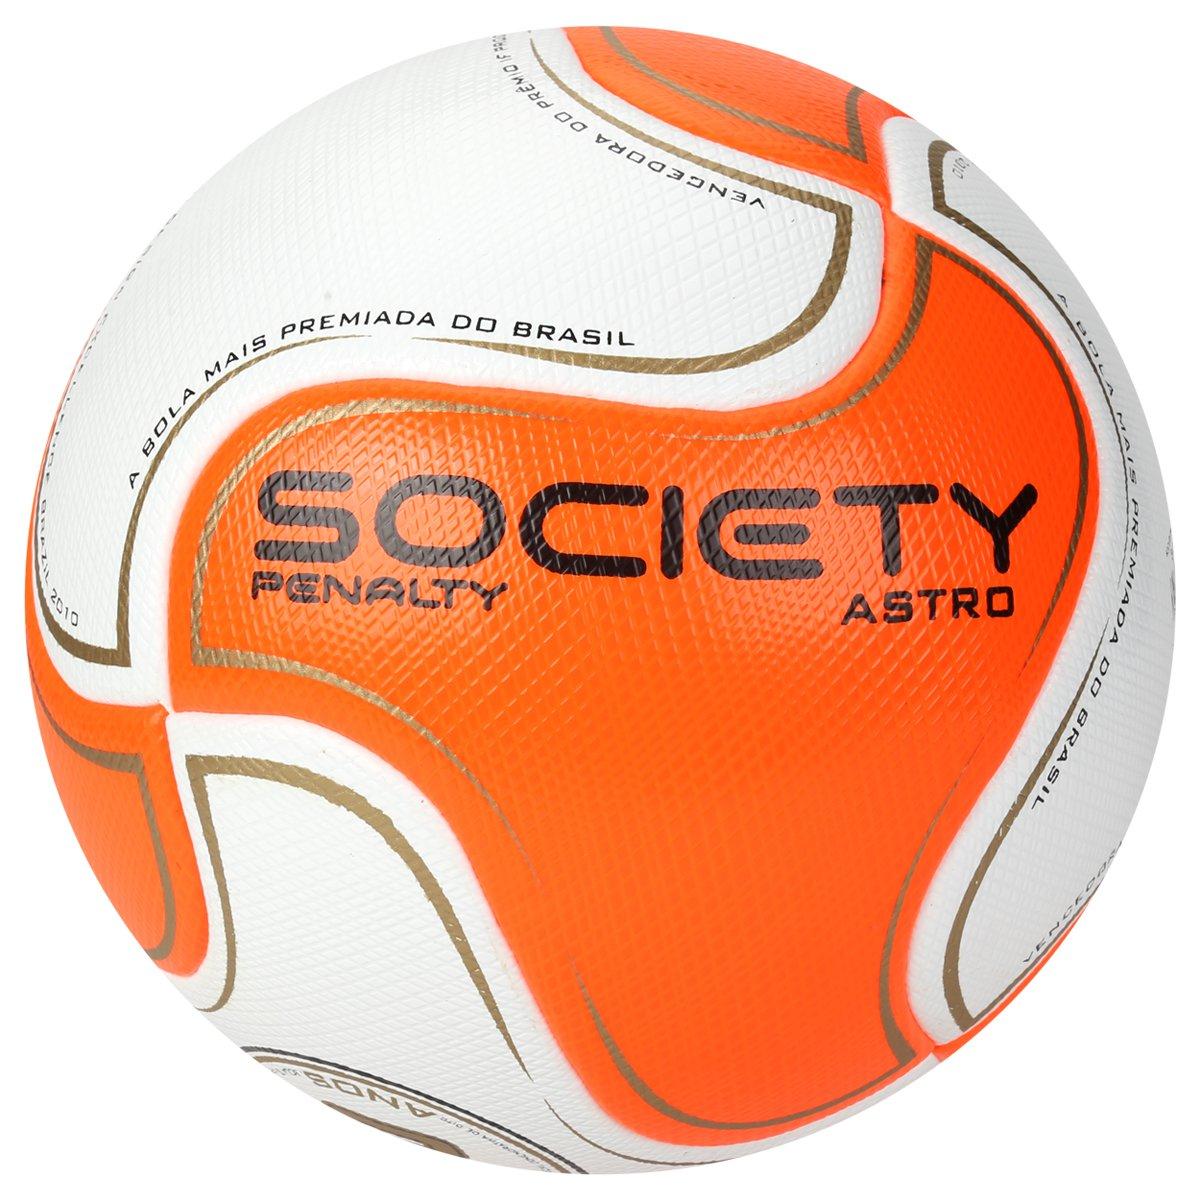 55a74d0674 Bola Futebol Penalty 8 S11 Astro 6 Society - Compre Agora